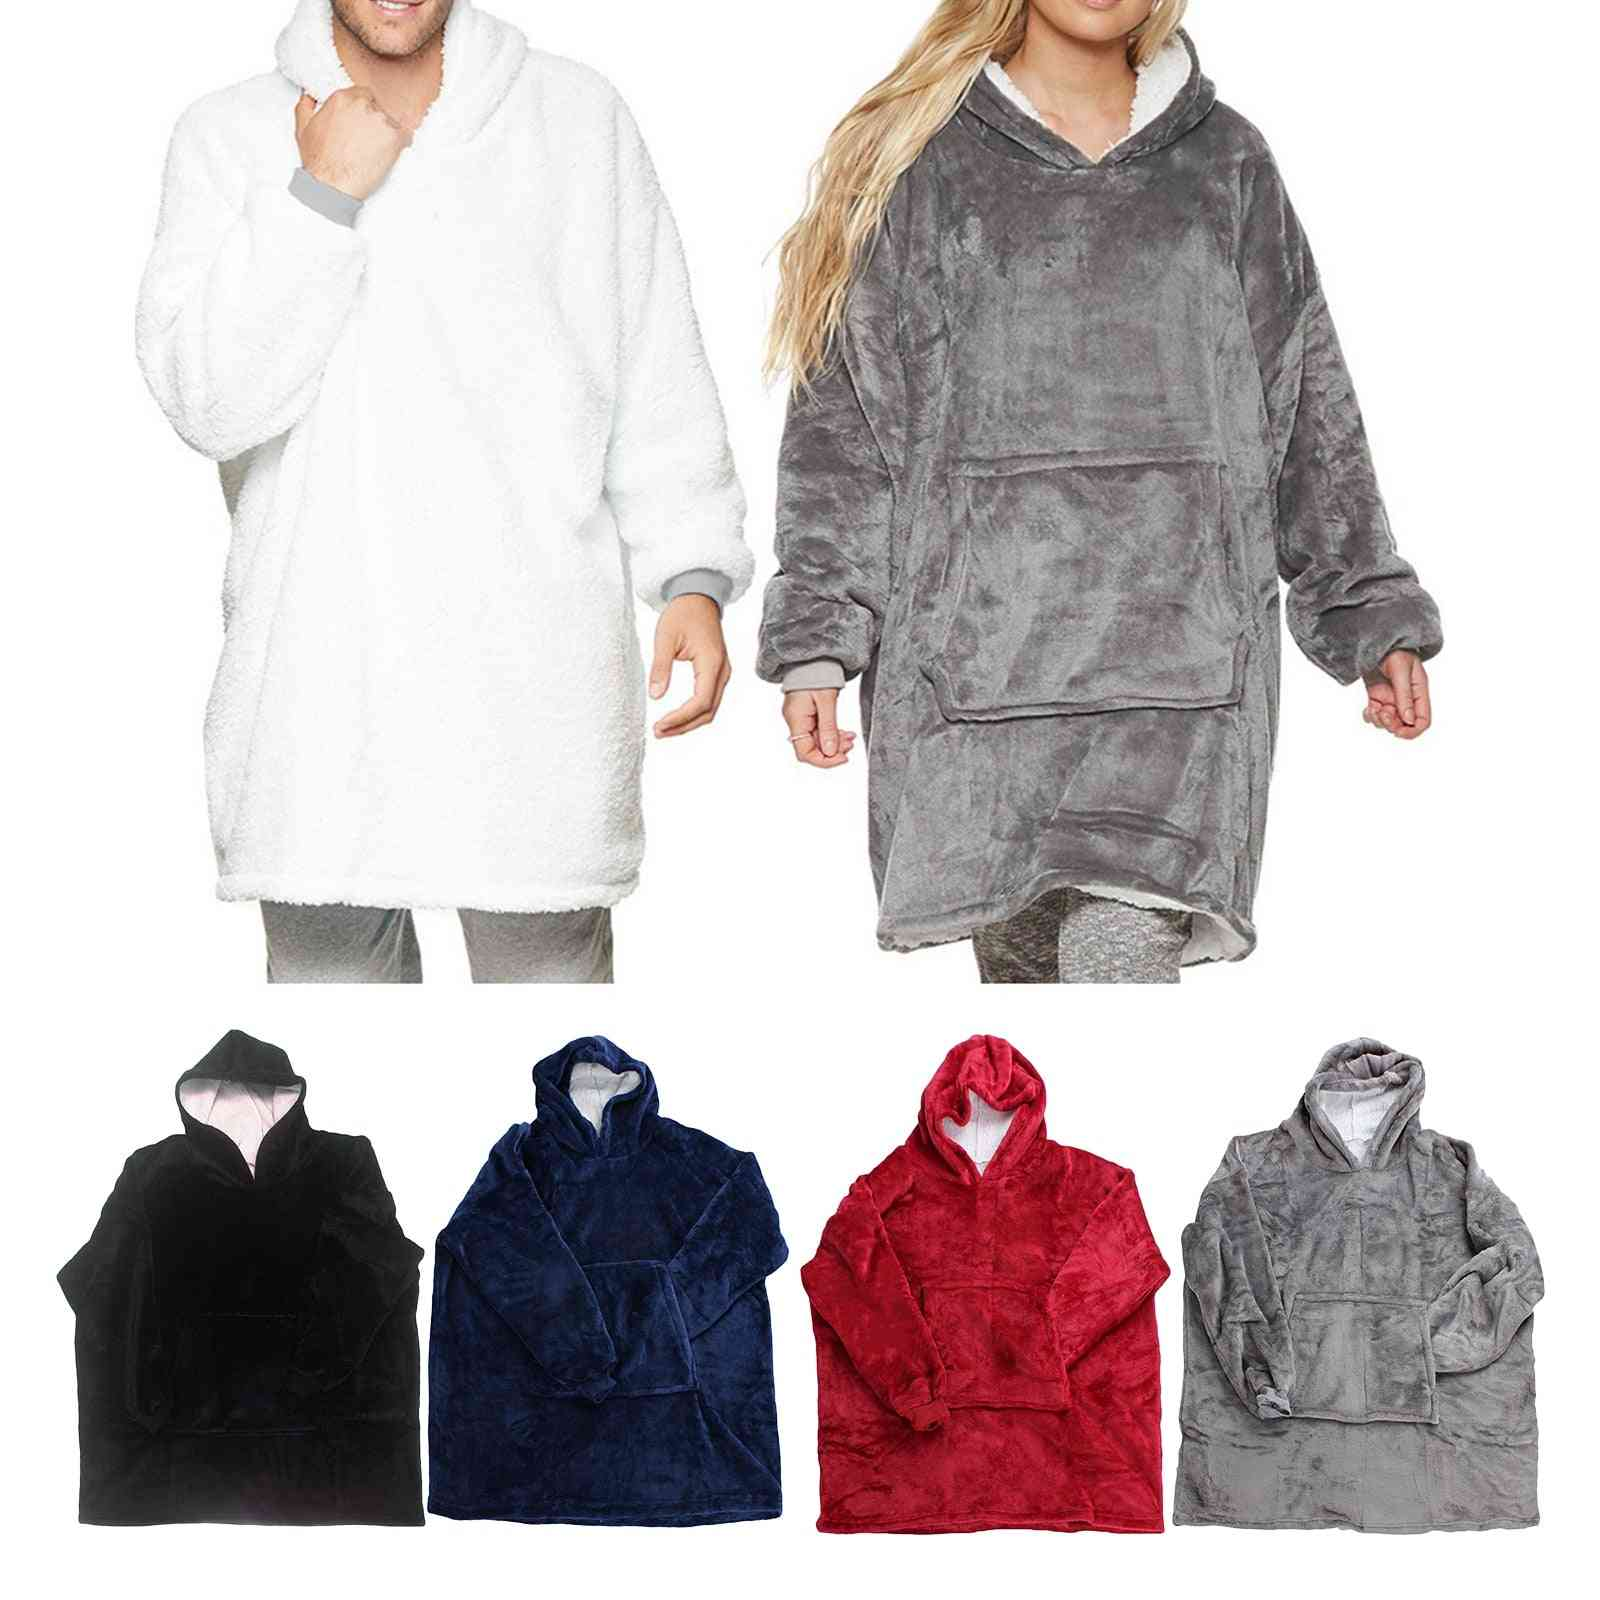 Thermal Sweatshirt  Loungewear  Soft Hoodie